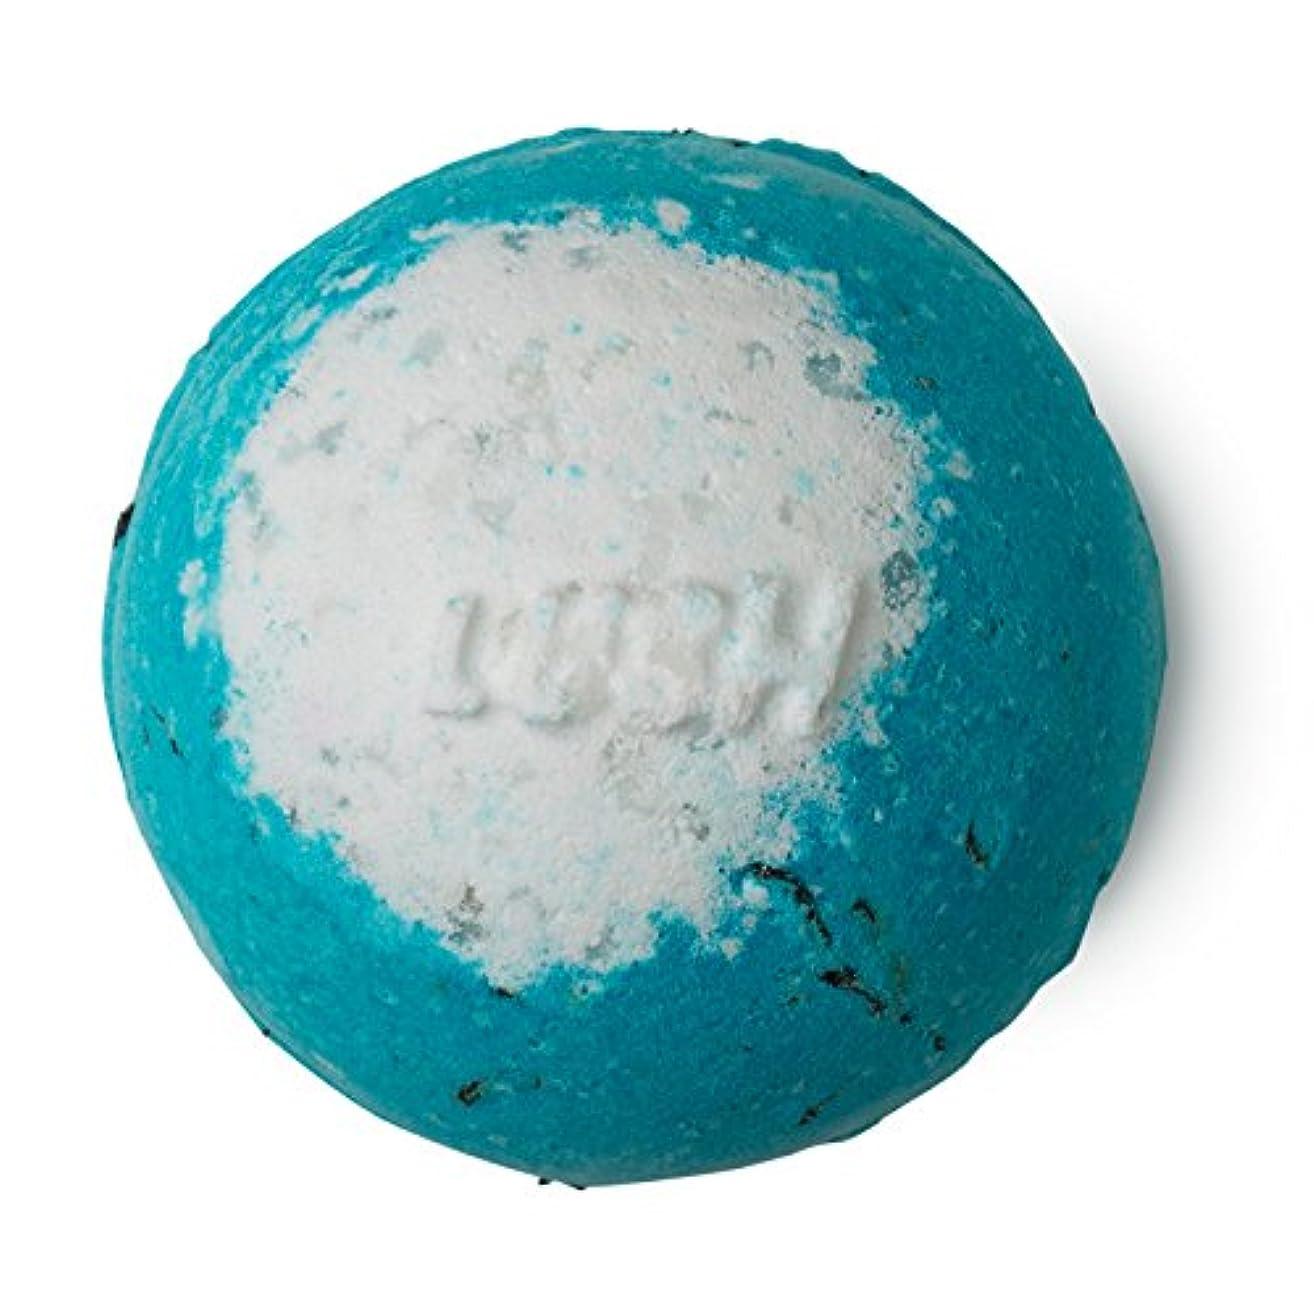 素晴らしい事業通貨LUSH ラッシュ RUSHラッシュ 200g バスボム 浴用 シーソルト 入浴剤 ラベンダーオイル 入浴剤 ギフト